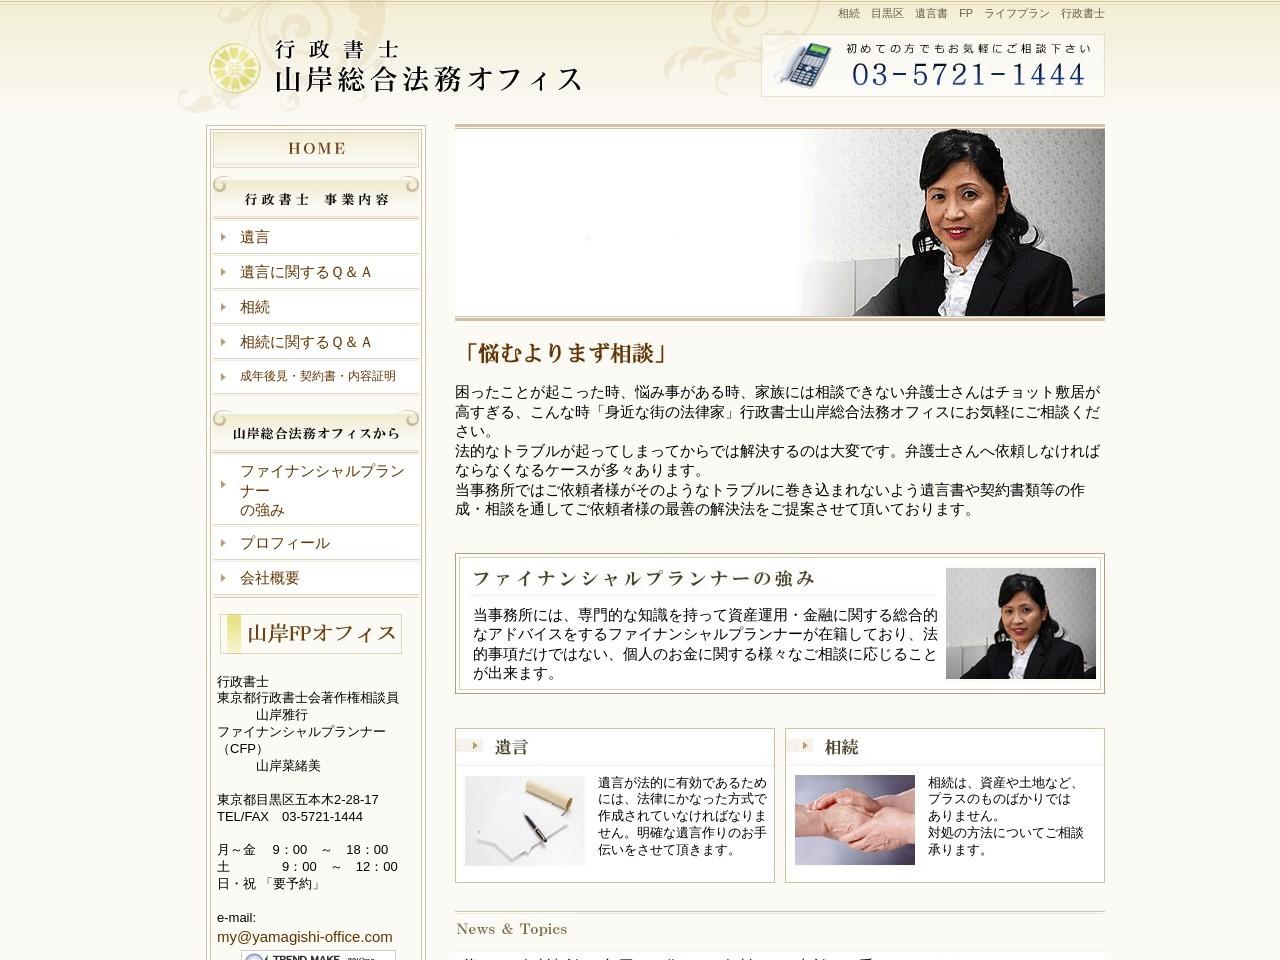 行政書士山岸総合法務オフィス